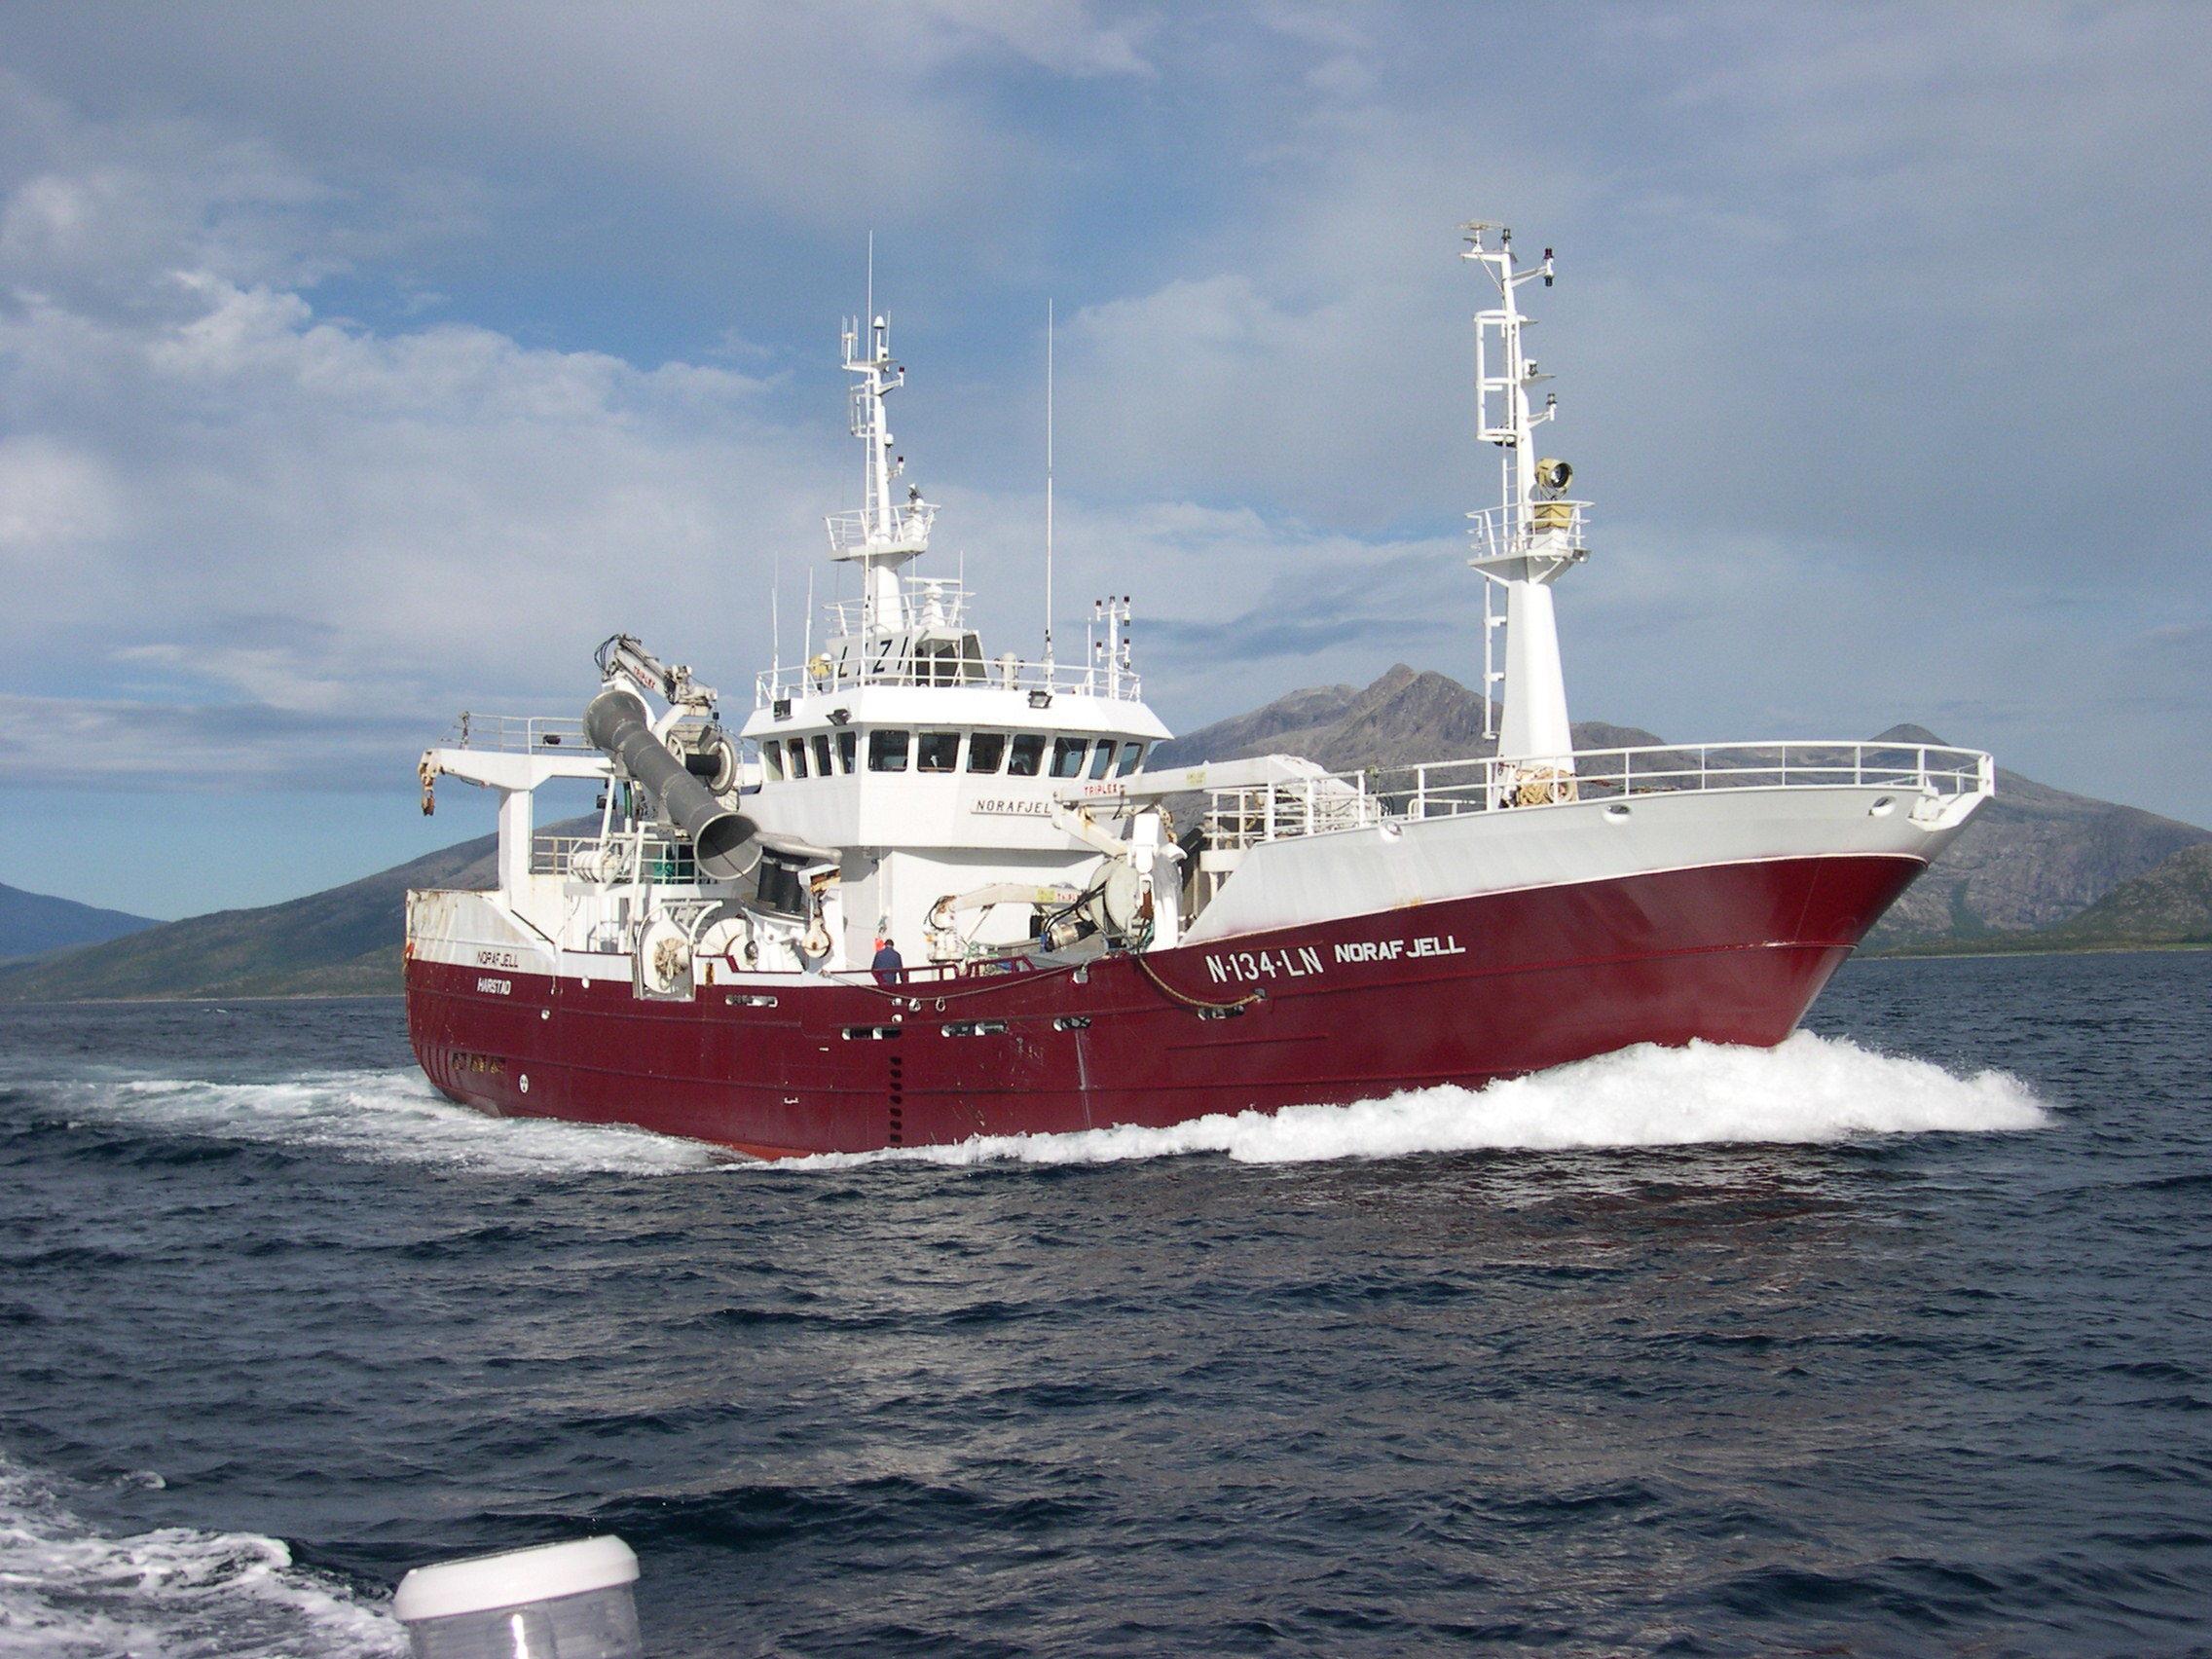 Norafjell Prøvertur 03 020